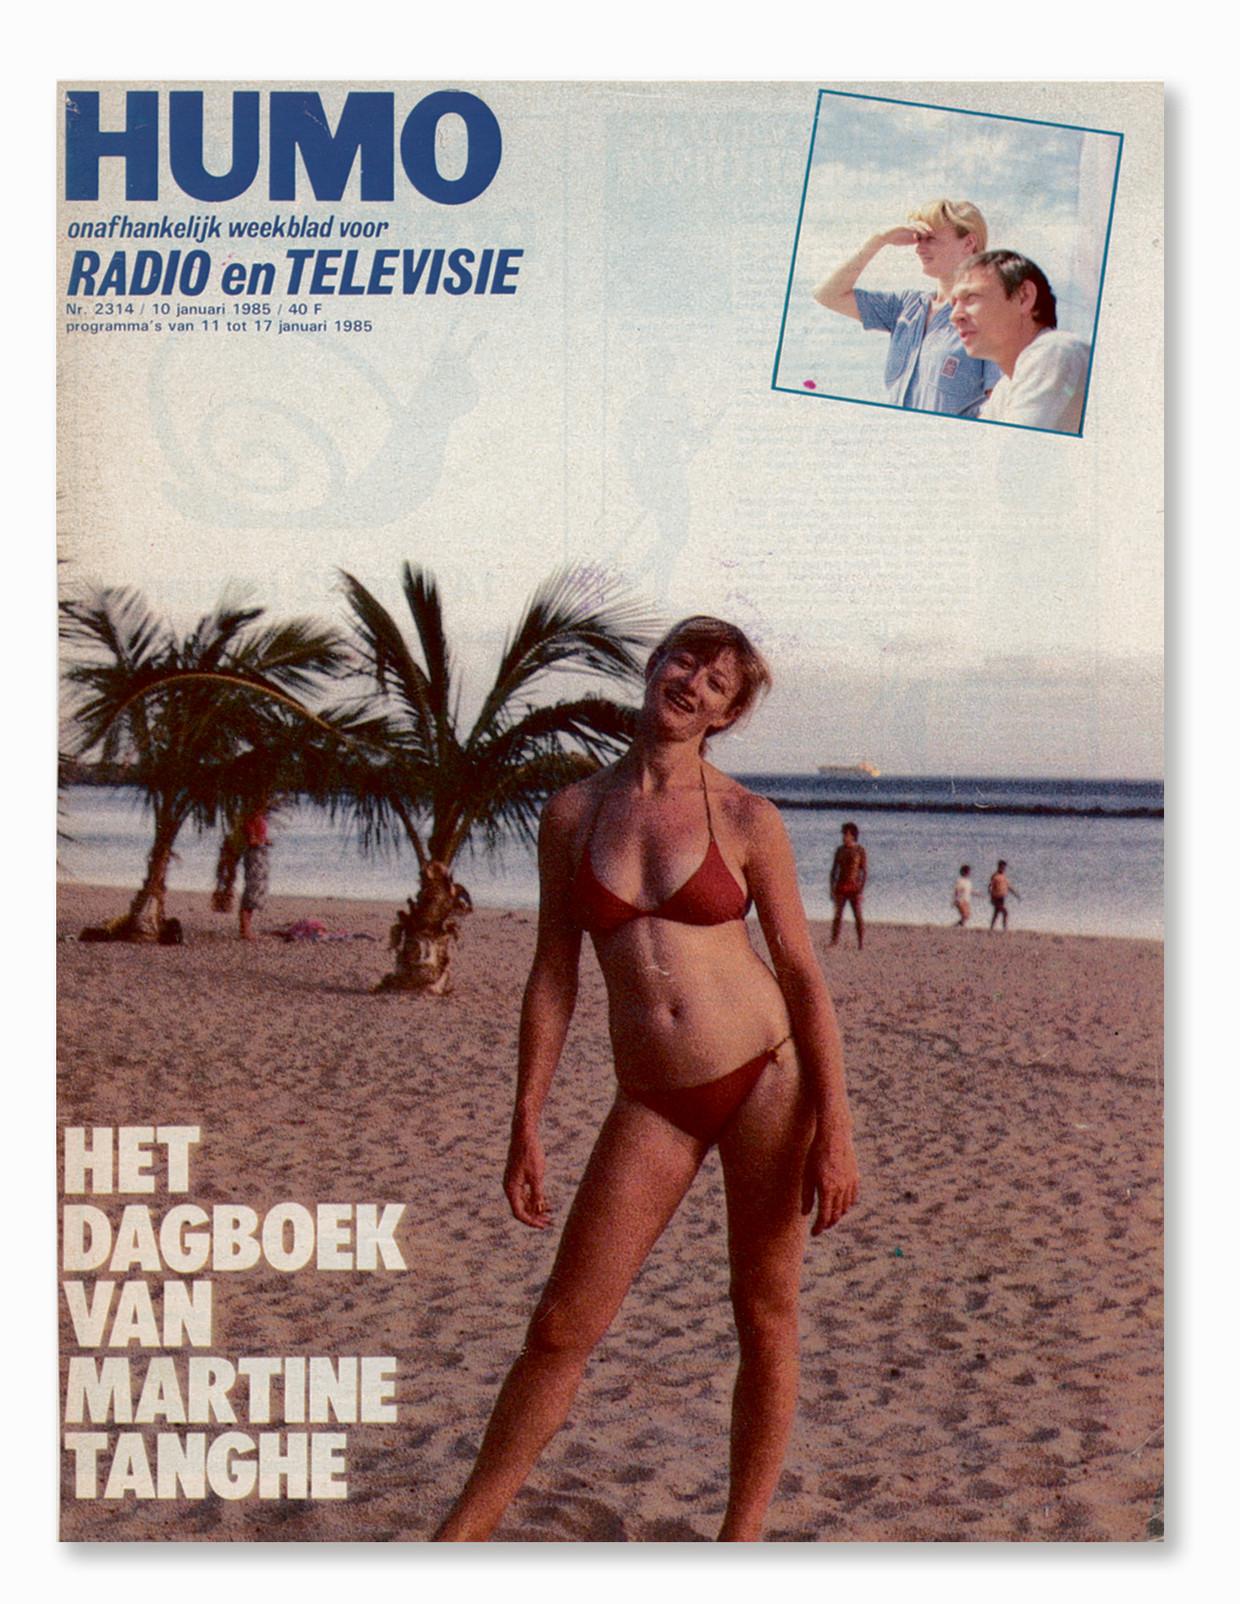 Martine Tanghe op de cover van HUMO, 10 januari 1985. Beeld Humo